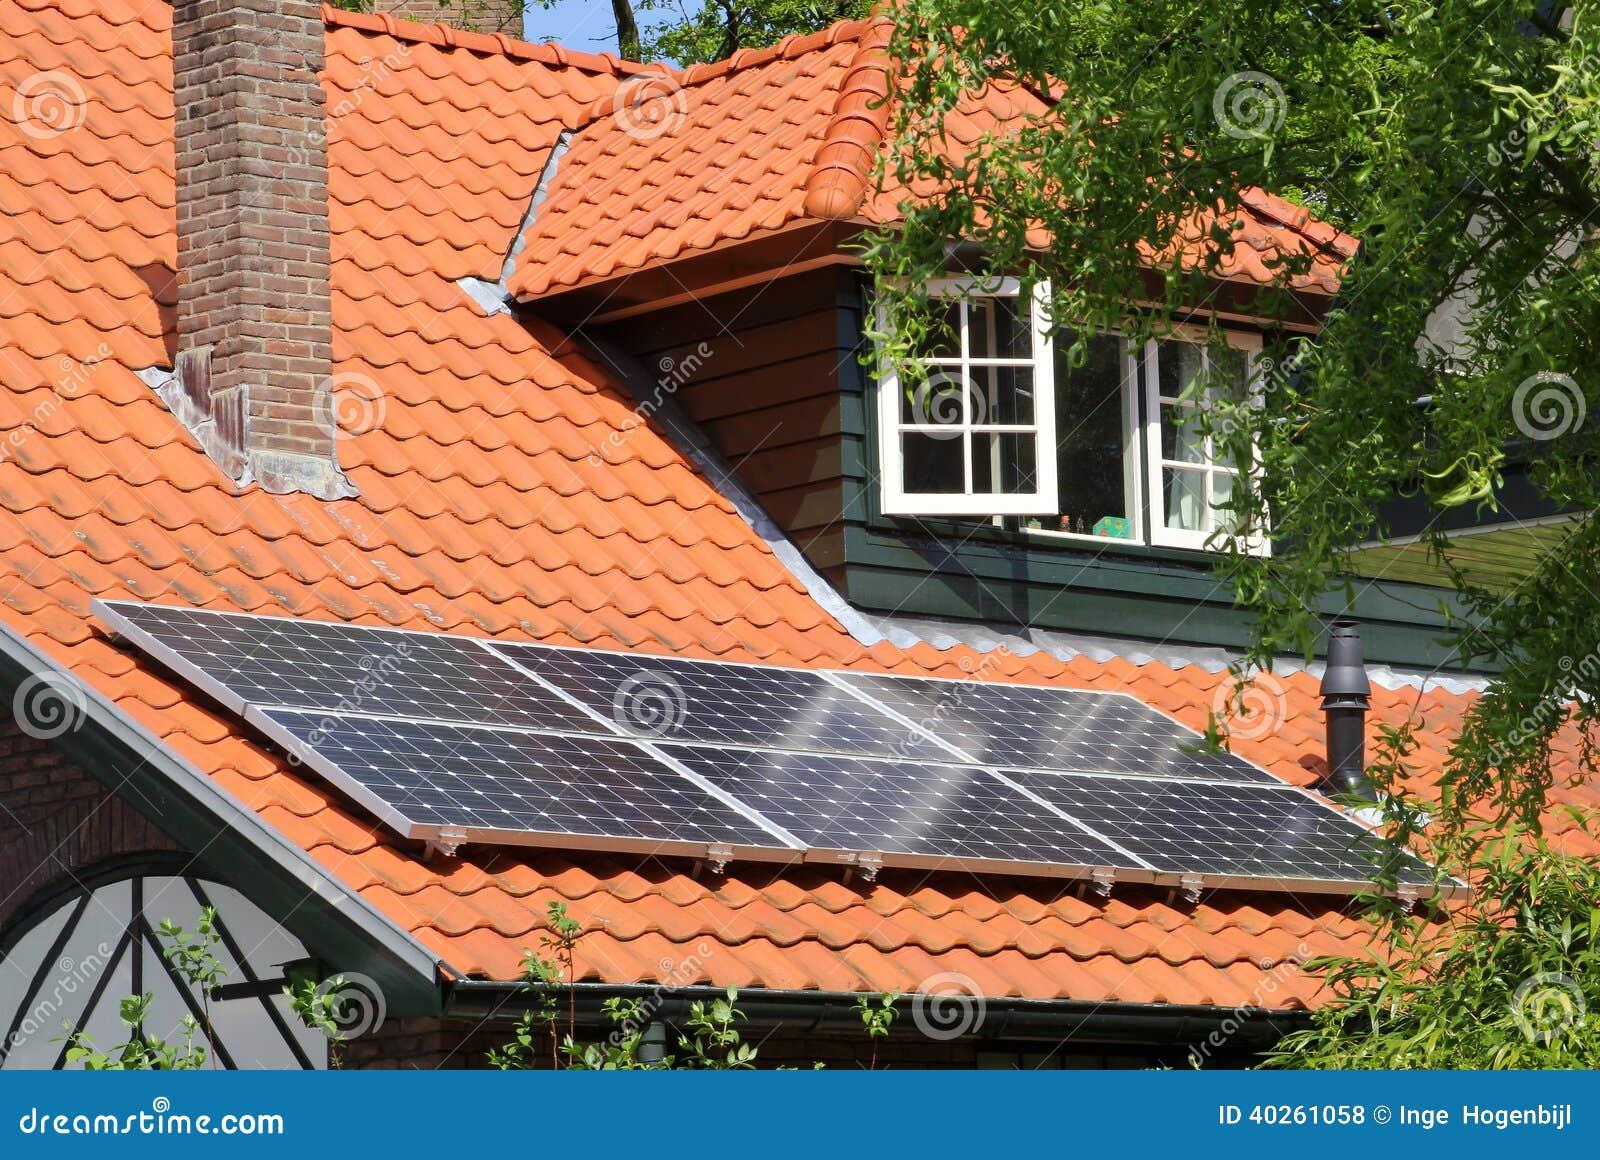 Tejado de la casa moderna con los paneles solares y las for Fotos de casas modernas con techo de tejas